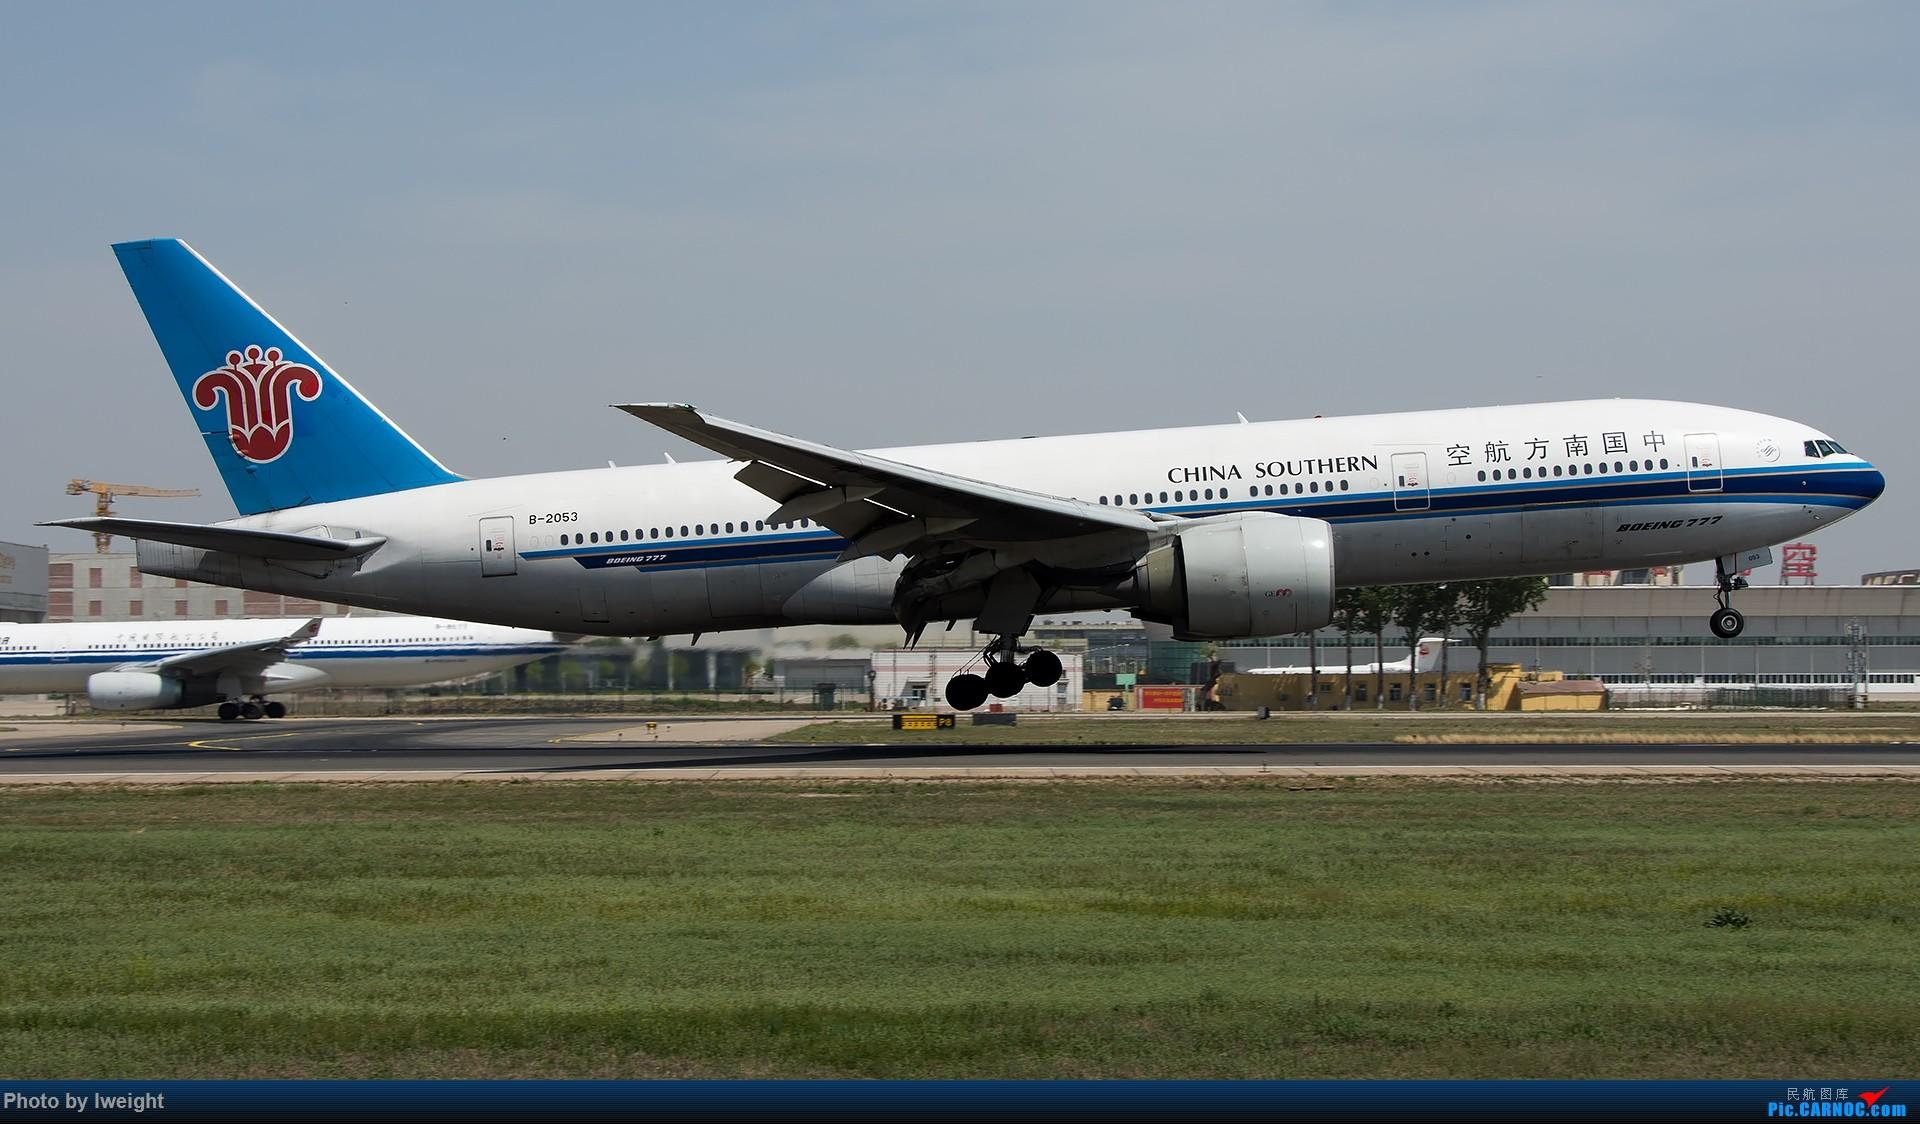 Re:[原创]天气晴朗,继续守候18R【多图】 BOEING 777-200 B-2053 中国北京首都国际机场